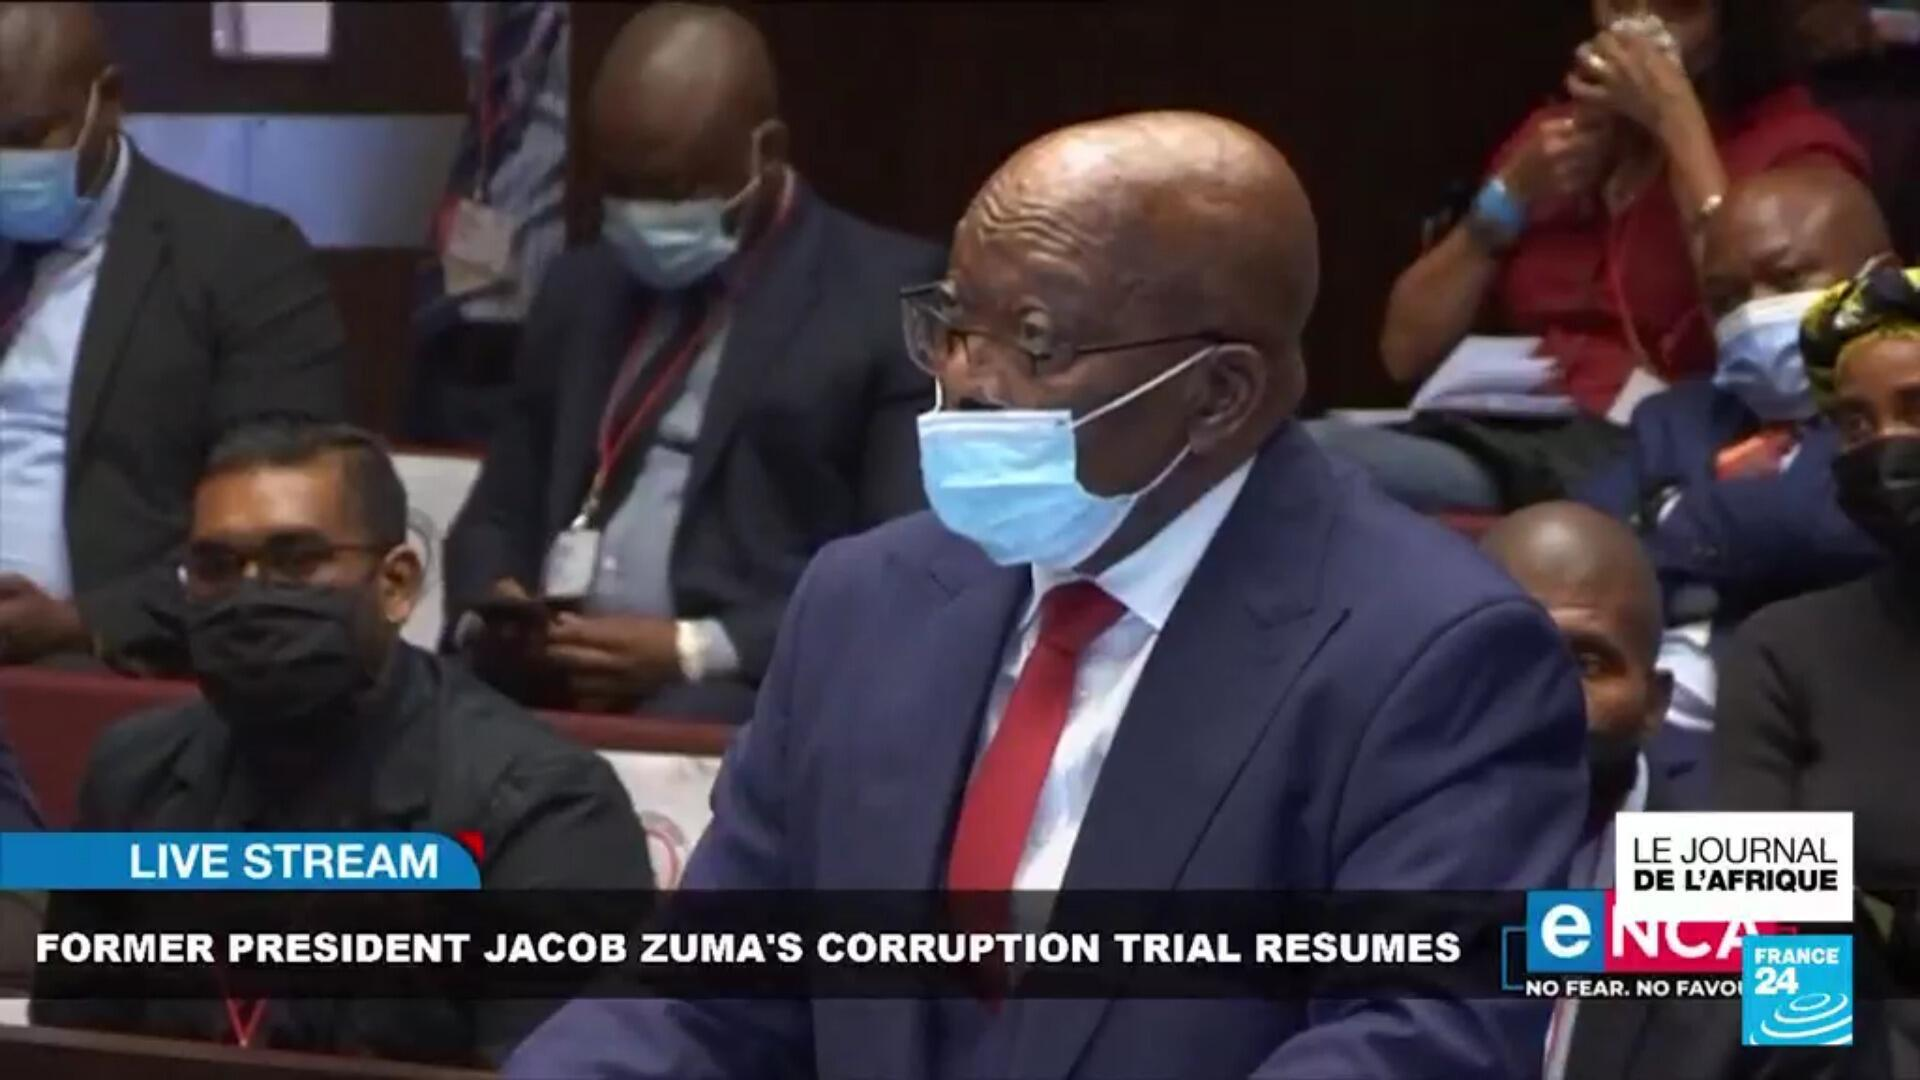 Jacob Zuma, ancien président de l'Afrique du Sud, condamné à 15 mois de prison